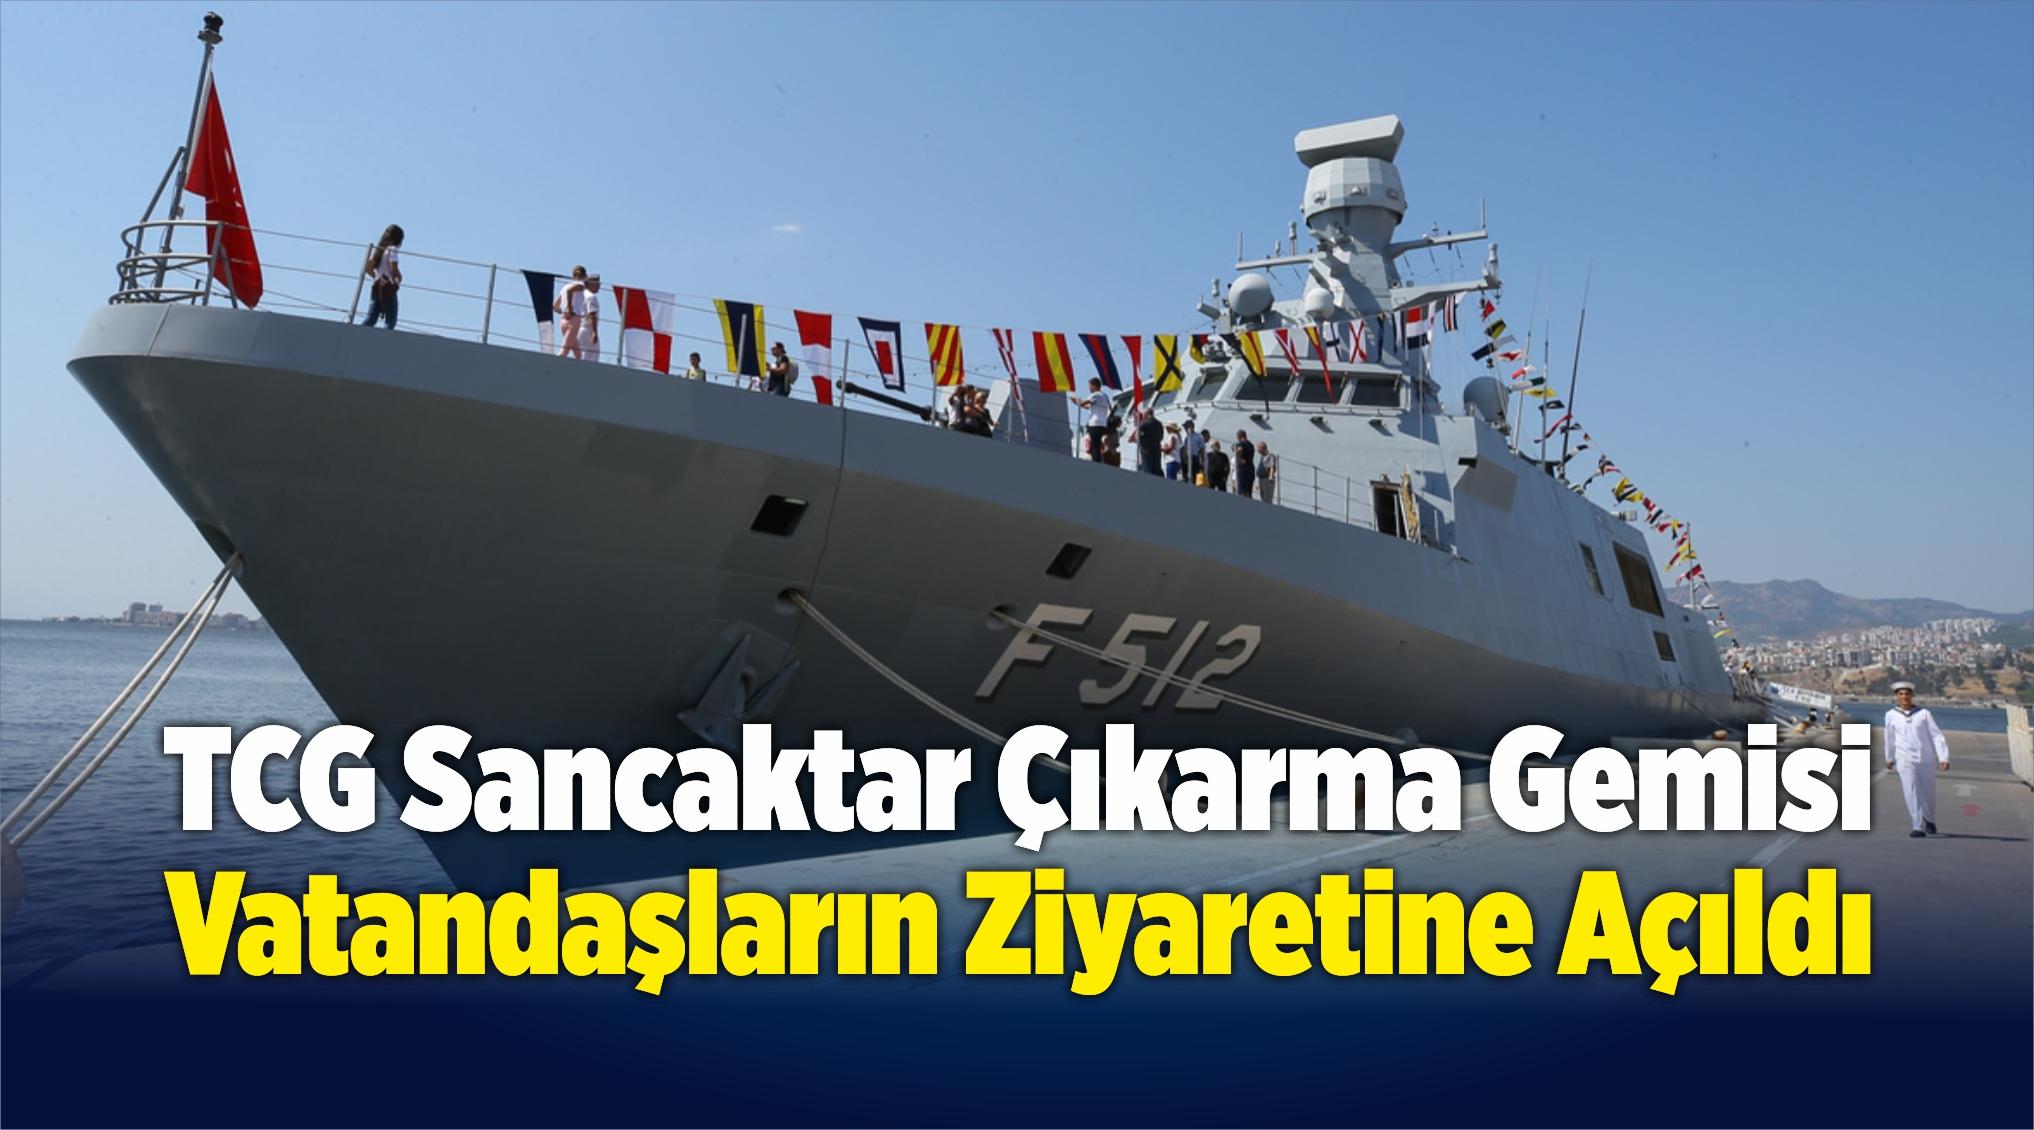 TCG Sancaktar Çıkarma Gemisi Vatandaşların Ziyaretine Açıldı